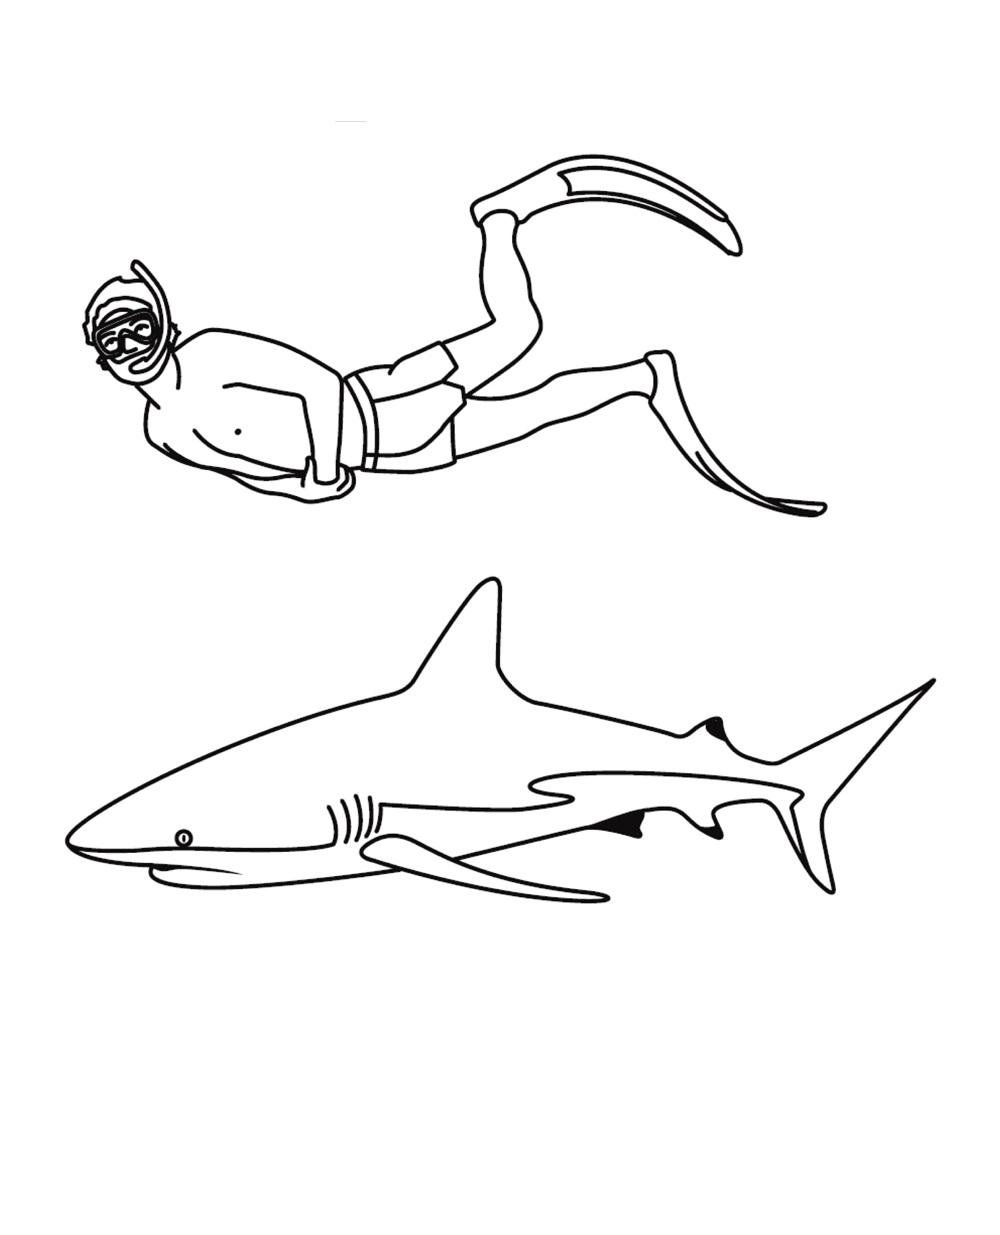 Dibujos De Tiburón Y Buzo Para Colorear Pintar E Imprimir